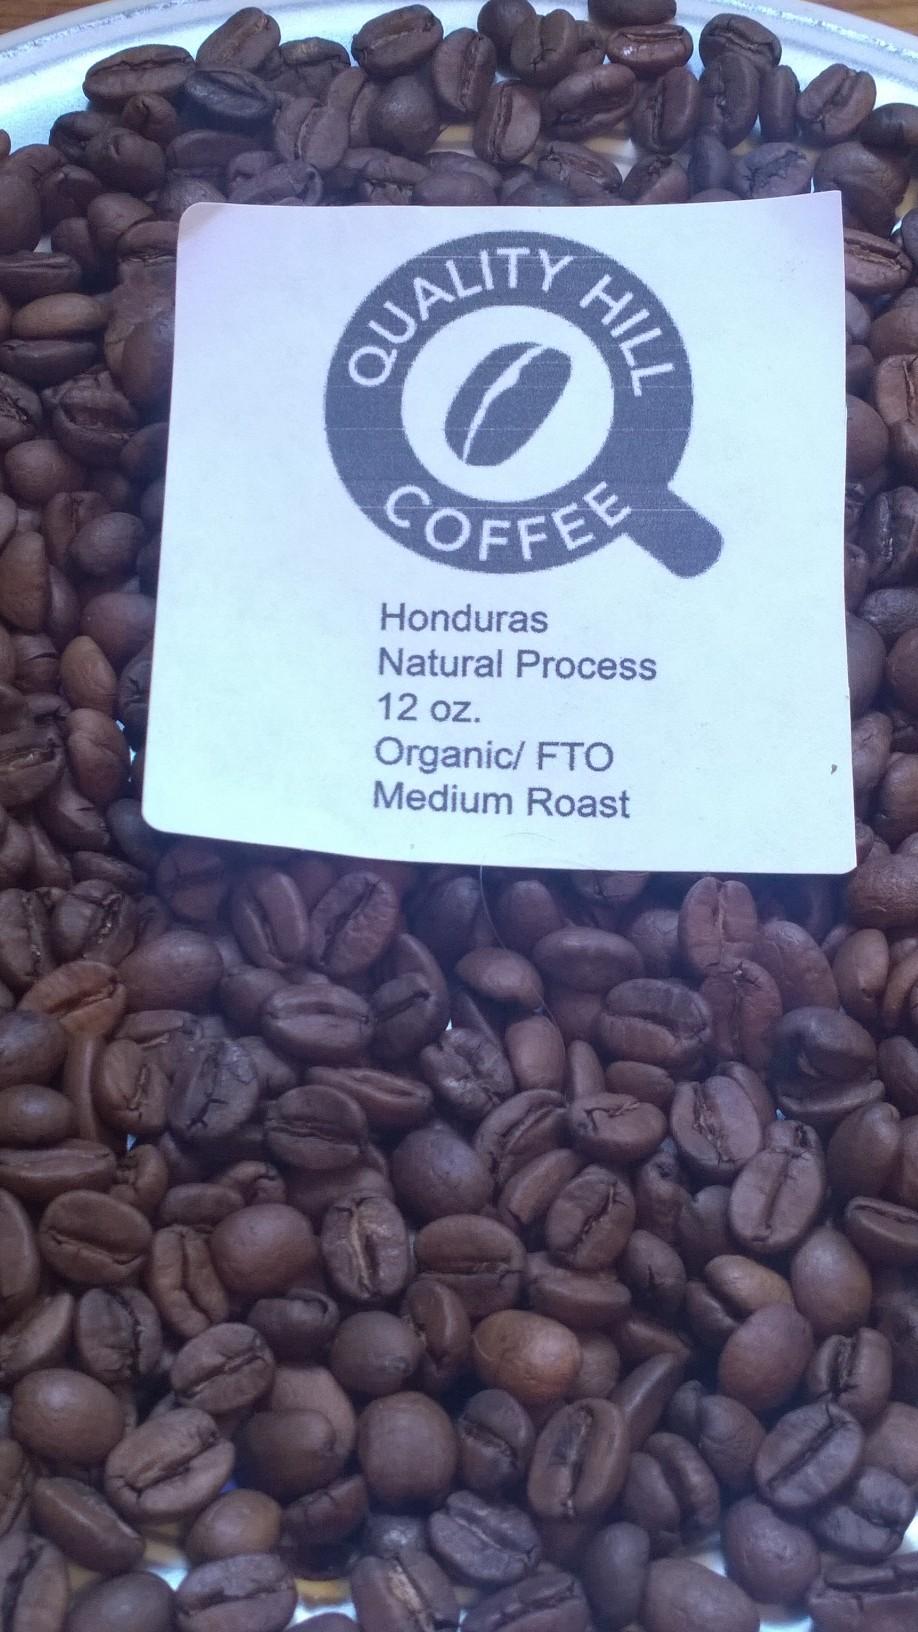 фото кофейных зерен из Гондураса